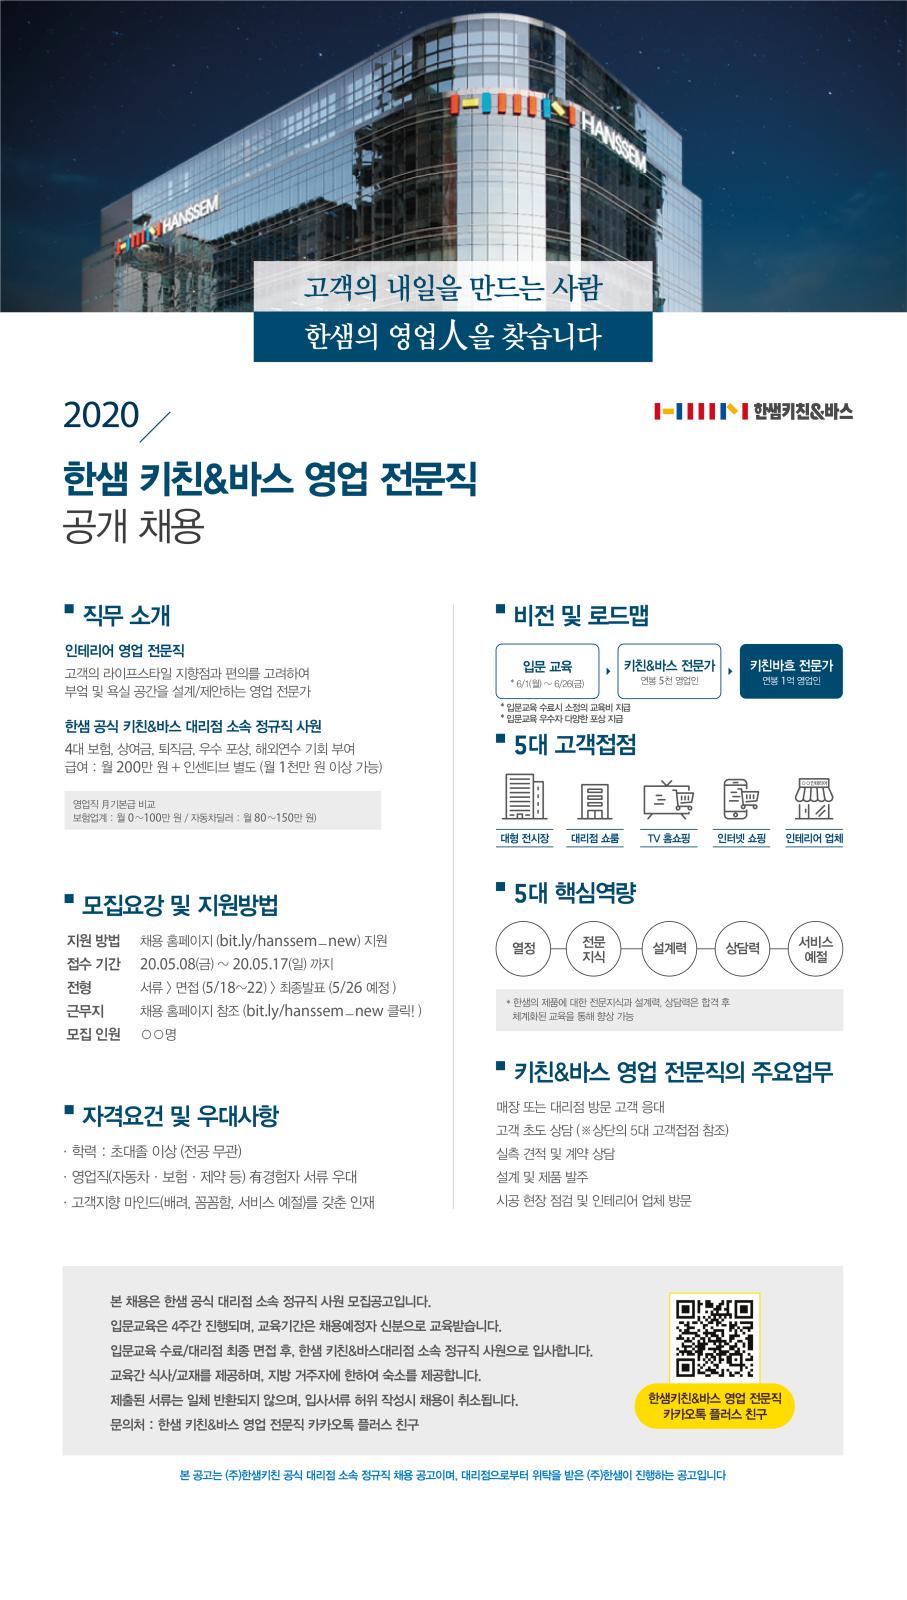 2020 한샘 키친_바스 영업 전문직 공개채용 (5월).png